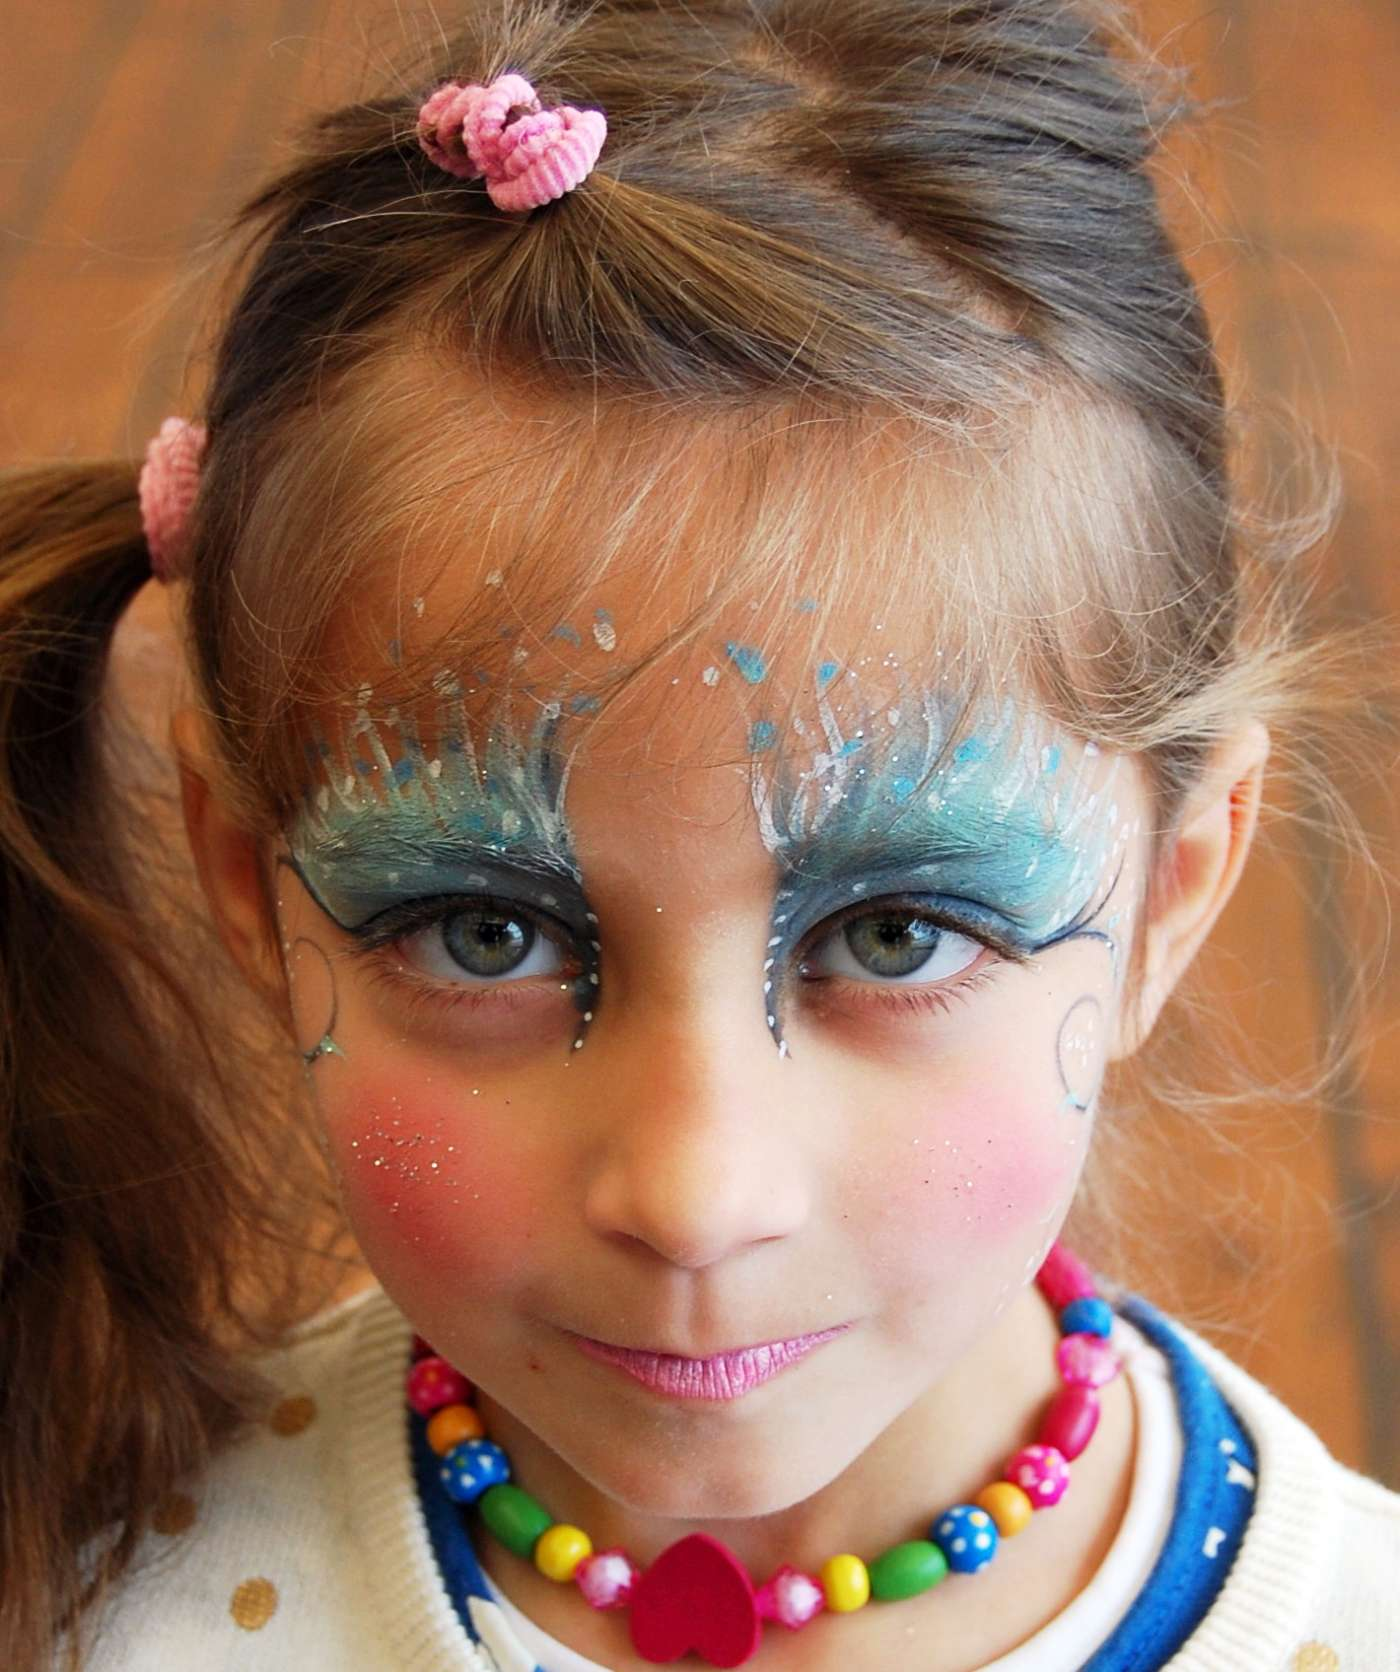 Κορίτσι με όμορφο face painting σε παιδική εκδήλωση